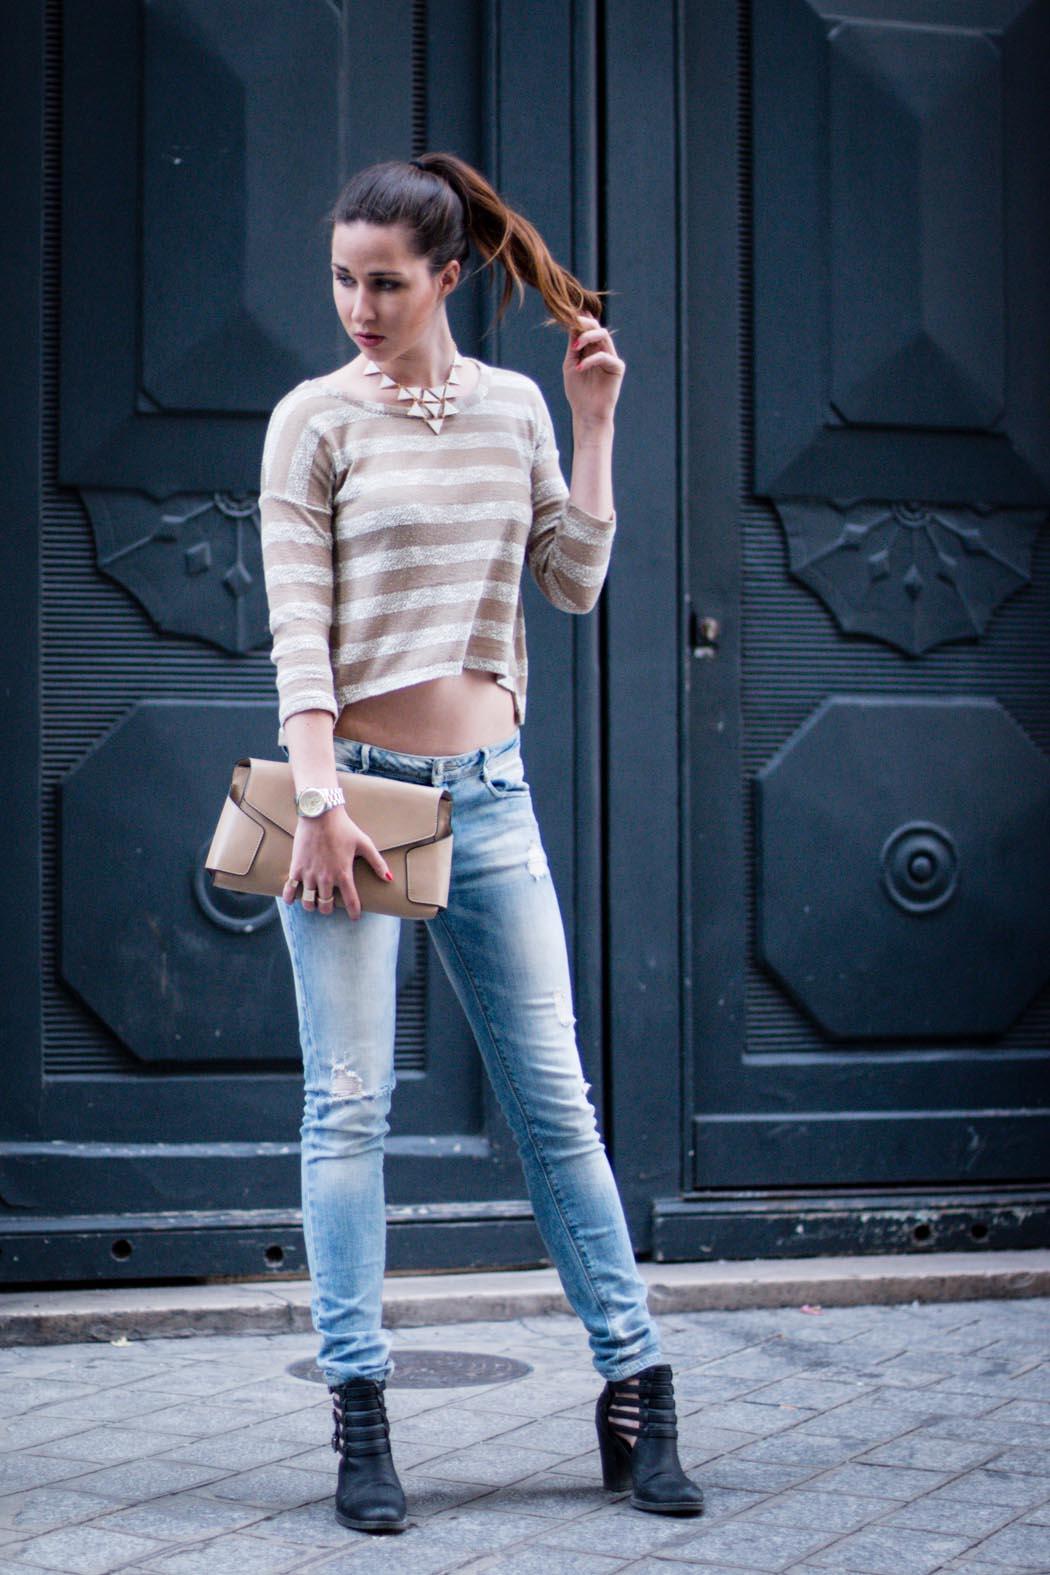 Lindarella-Fashionblogger-Paris-München-MIchael-Kors-Ripped-Jeans-7